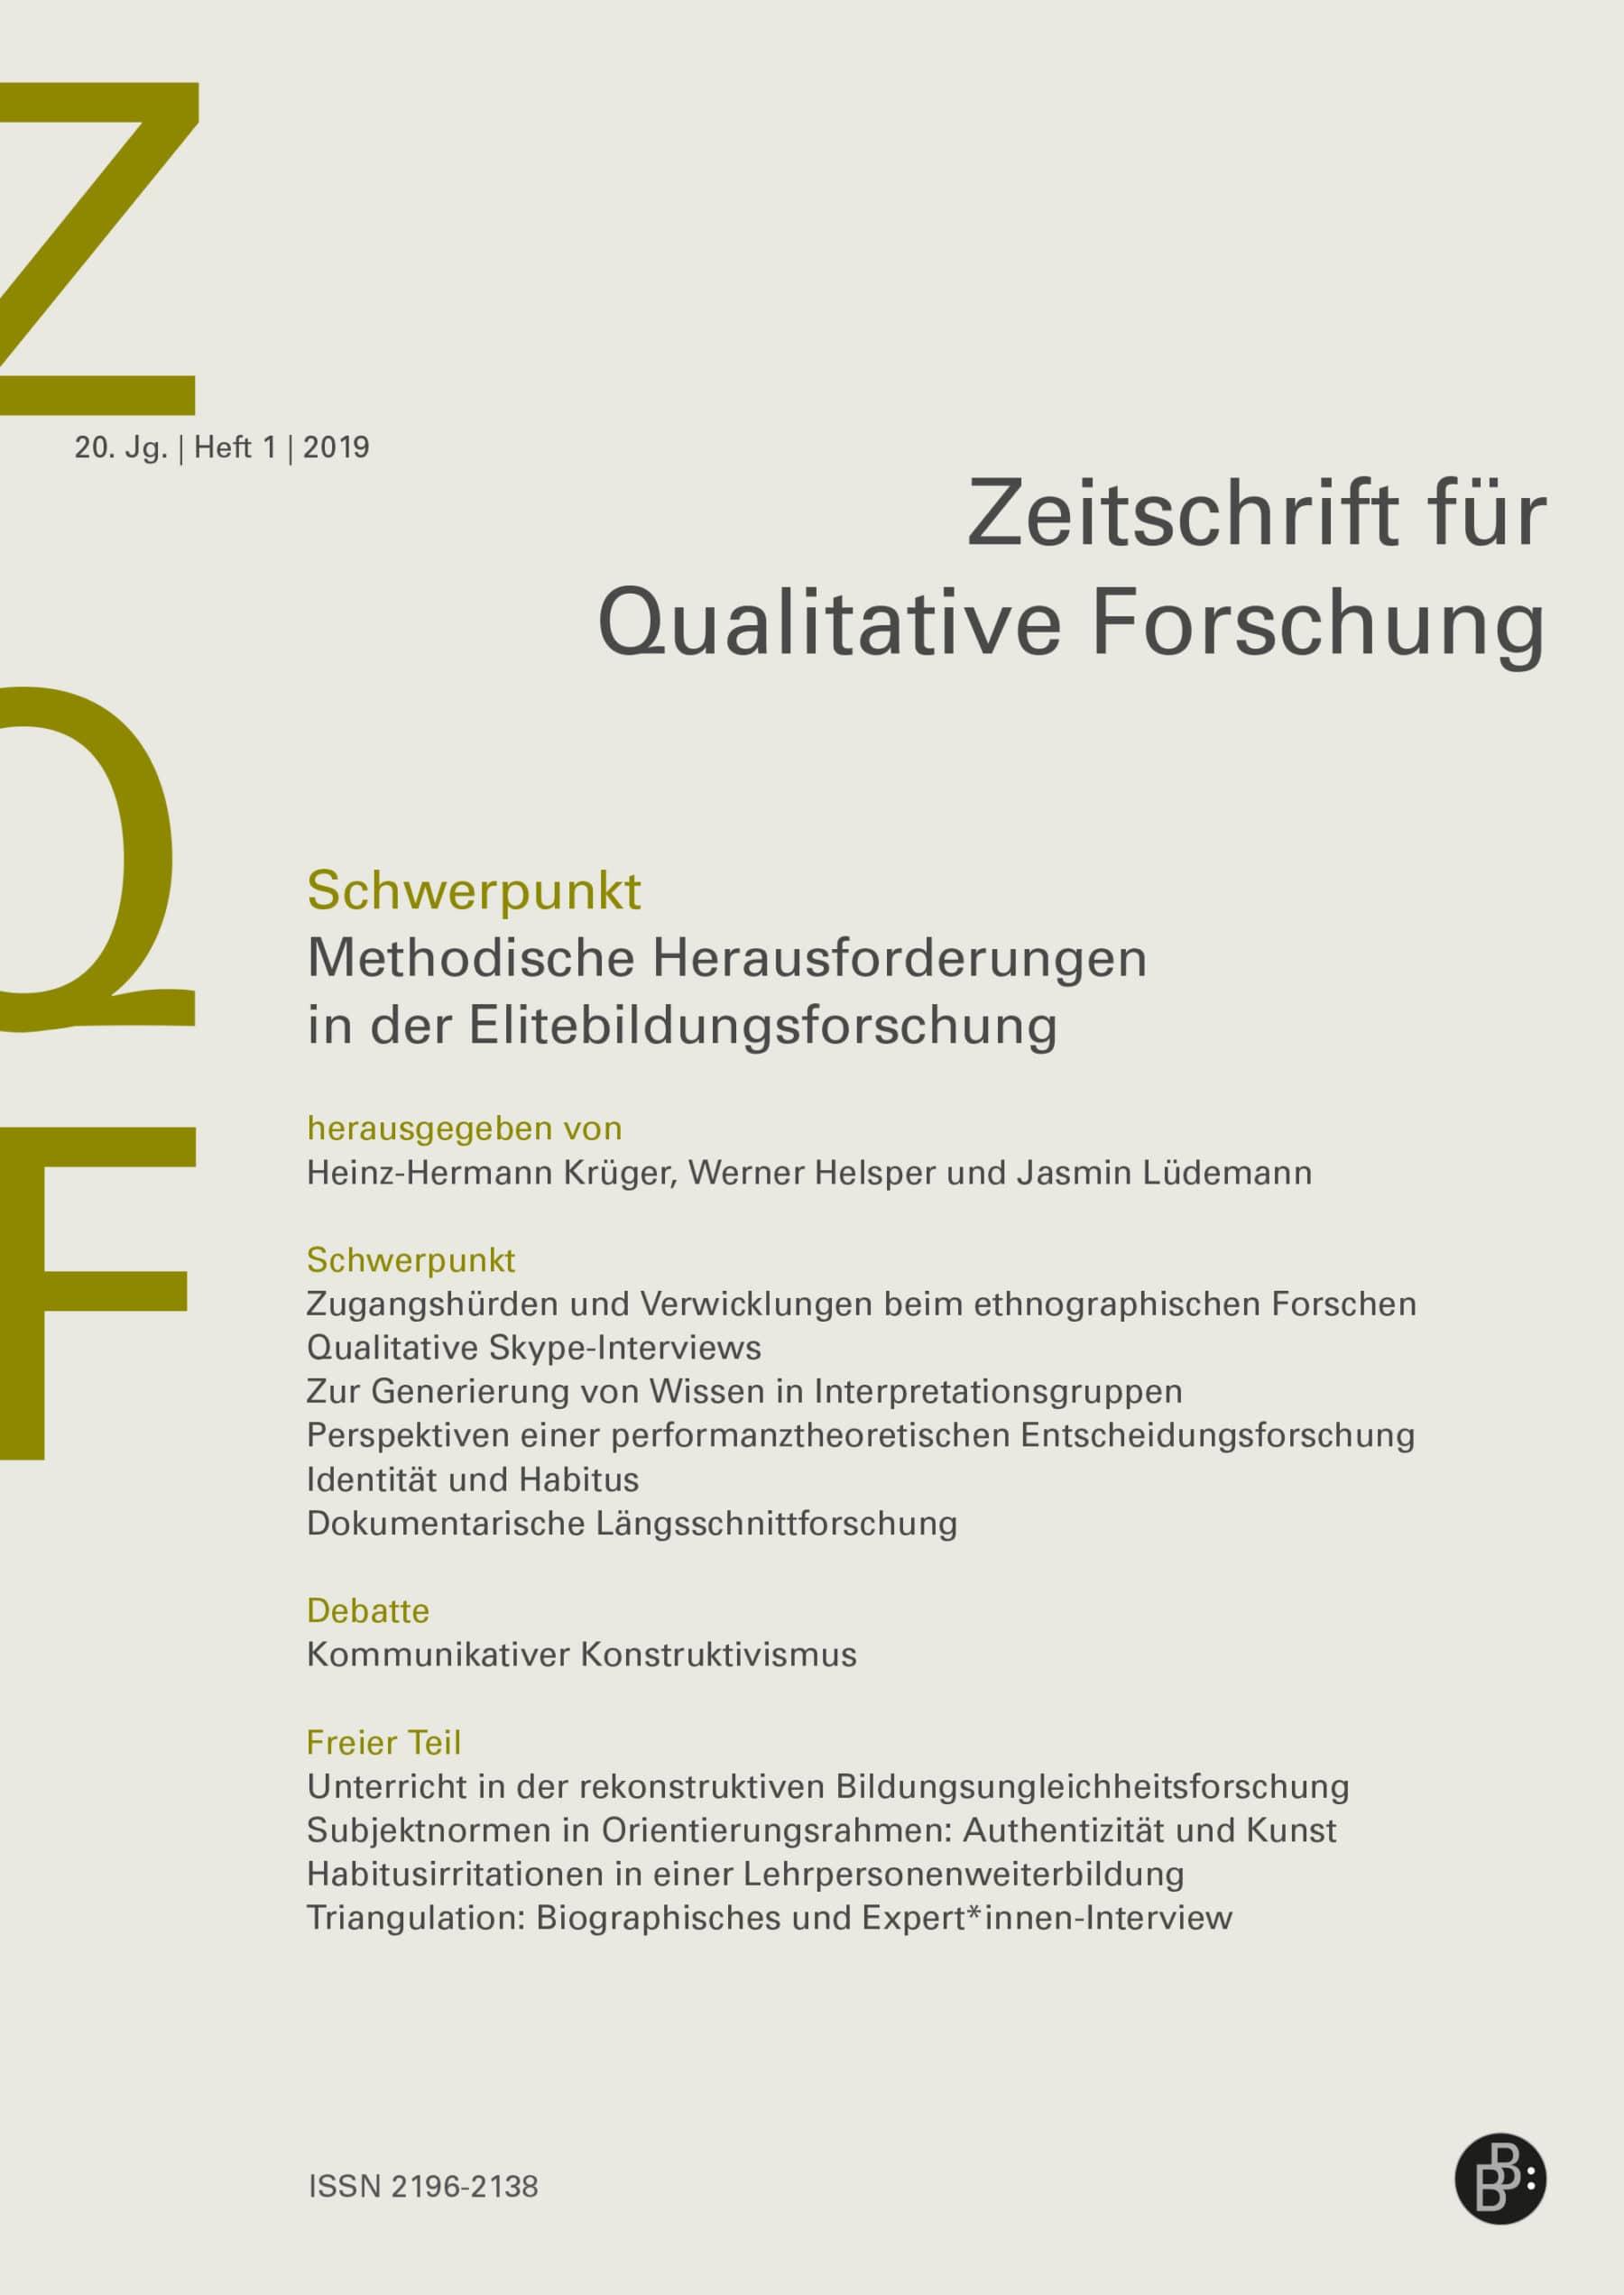 ZQF – Zeitschrift für Qualitative Forschung 1-2019: Methodische Herausforderungen in der Elitebildungsforschung